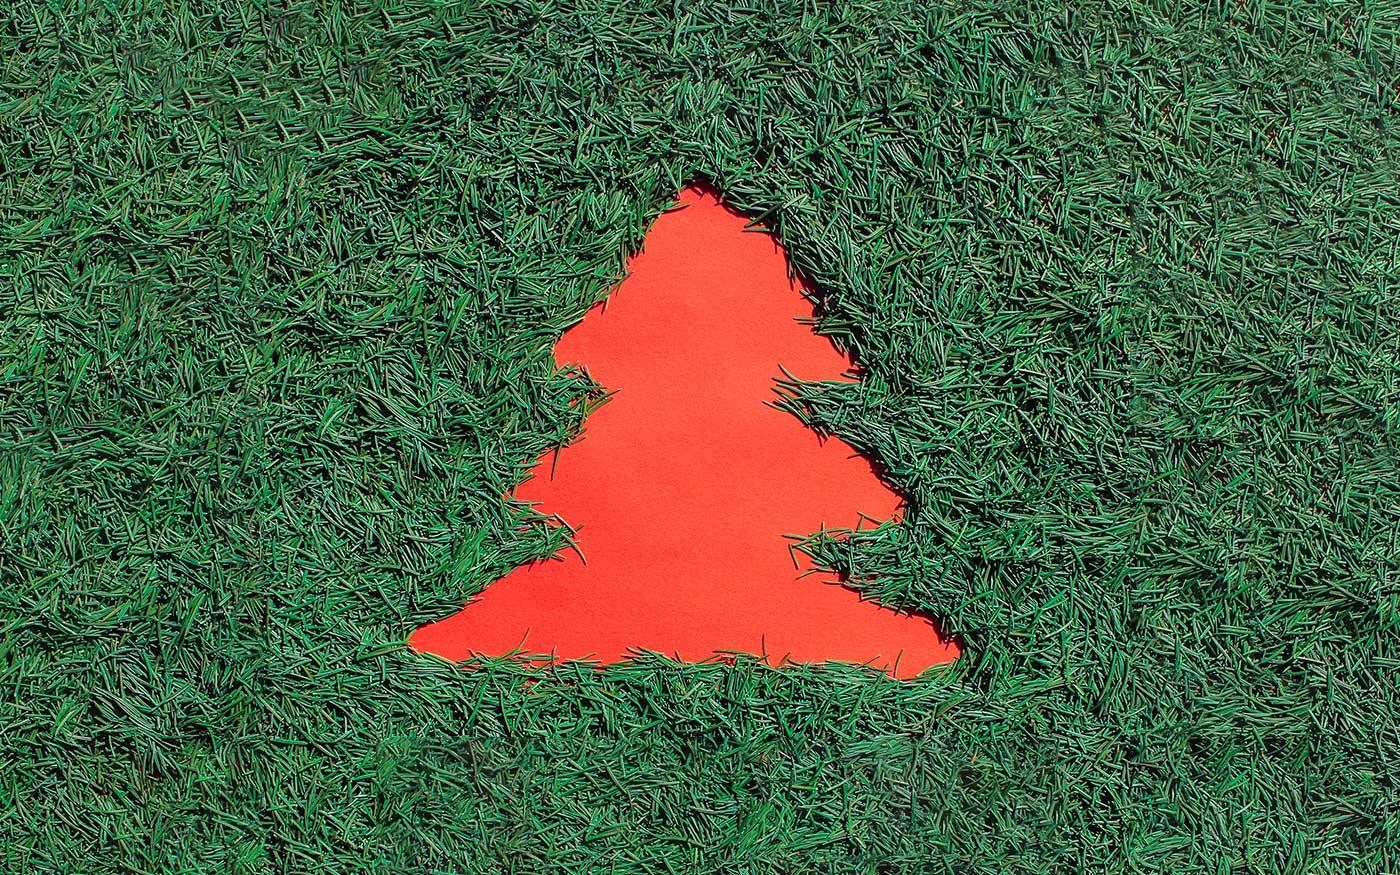 Szerdától kezdik elszállítani a karácsonyfákat